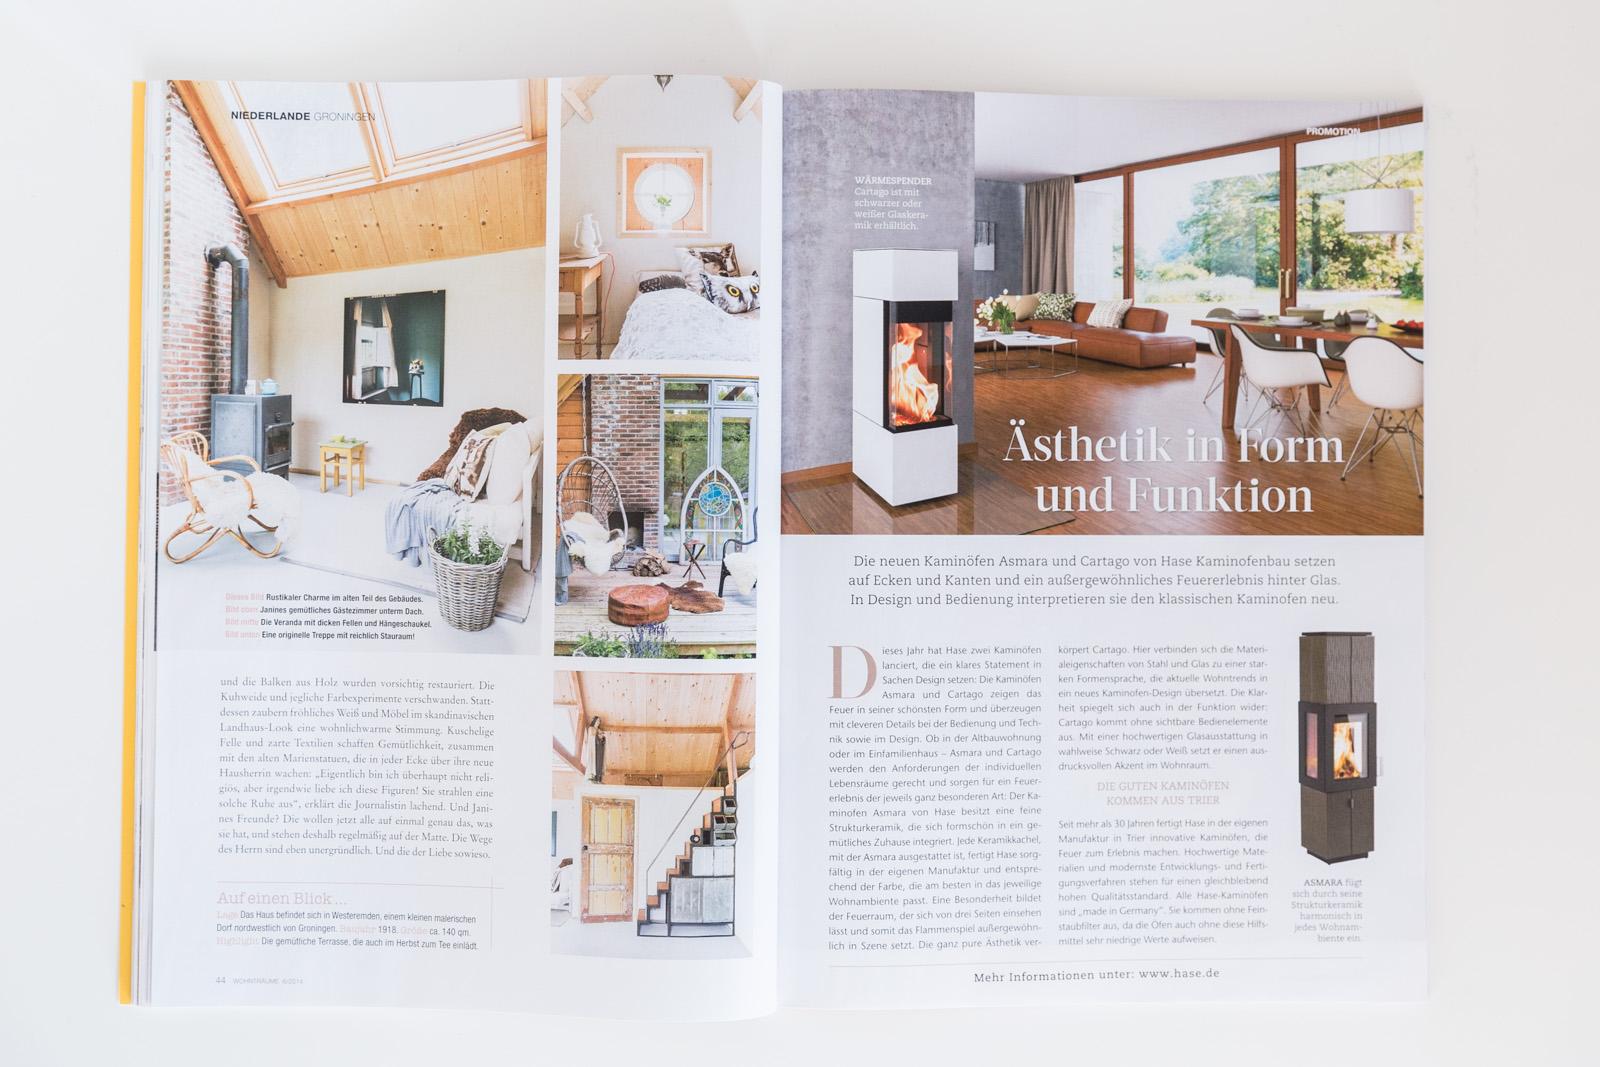 20 private wohntr ume 6 2014 hans mossel fotografie. Black Bedroom Furniture Sets. Home Design Ideas